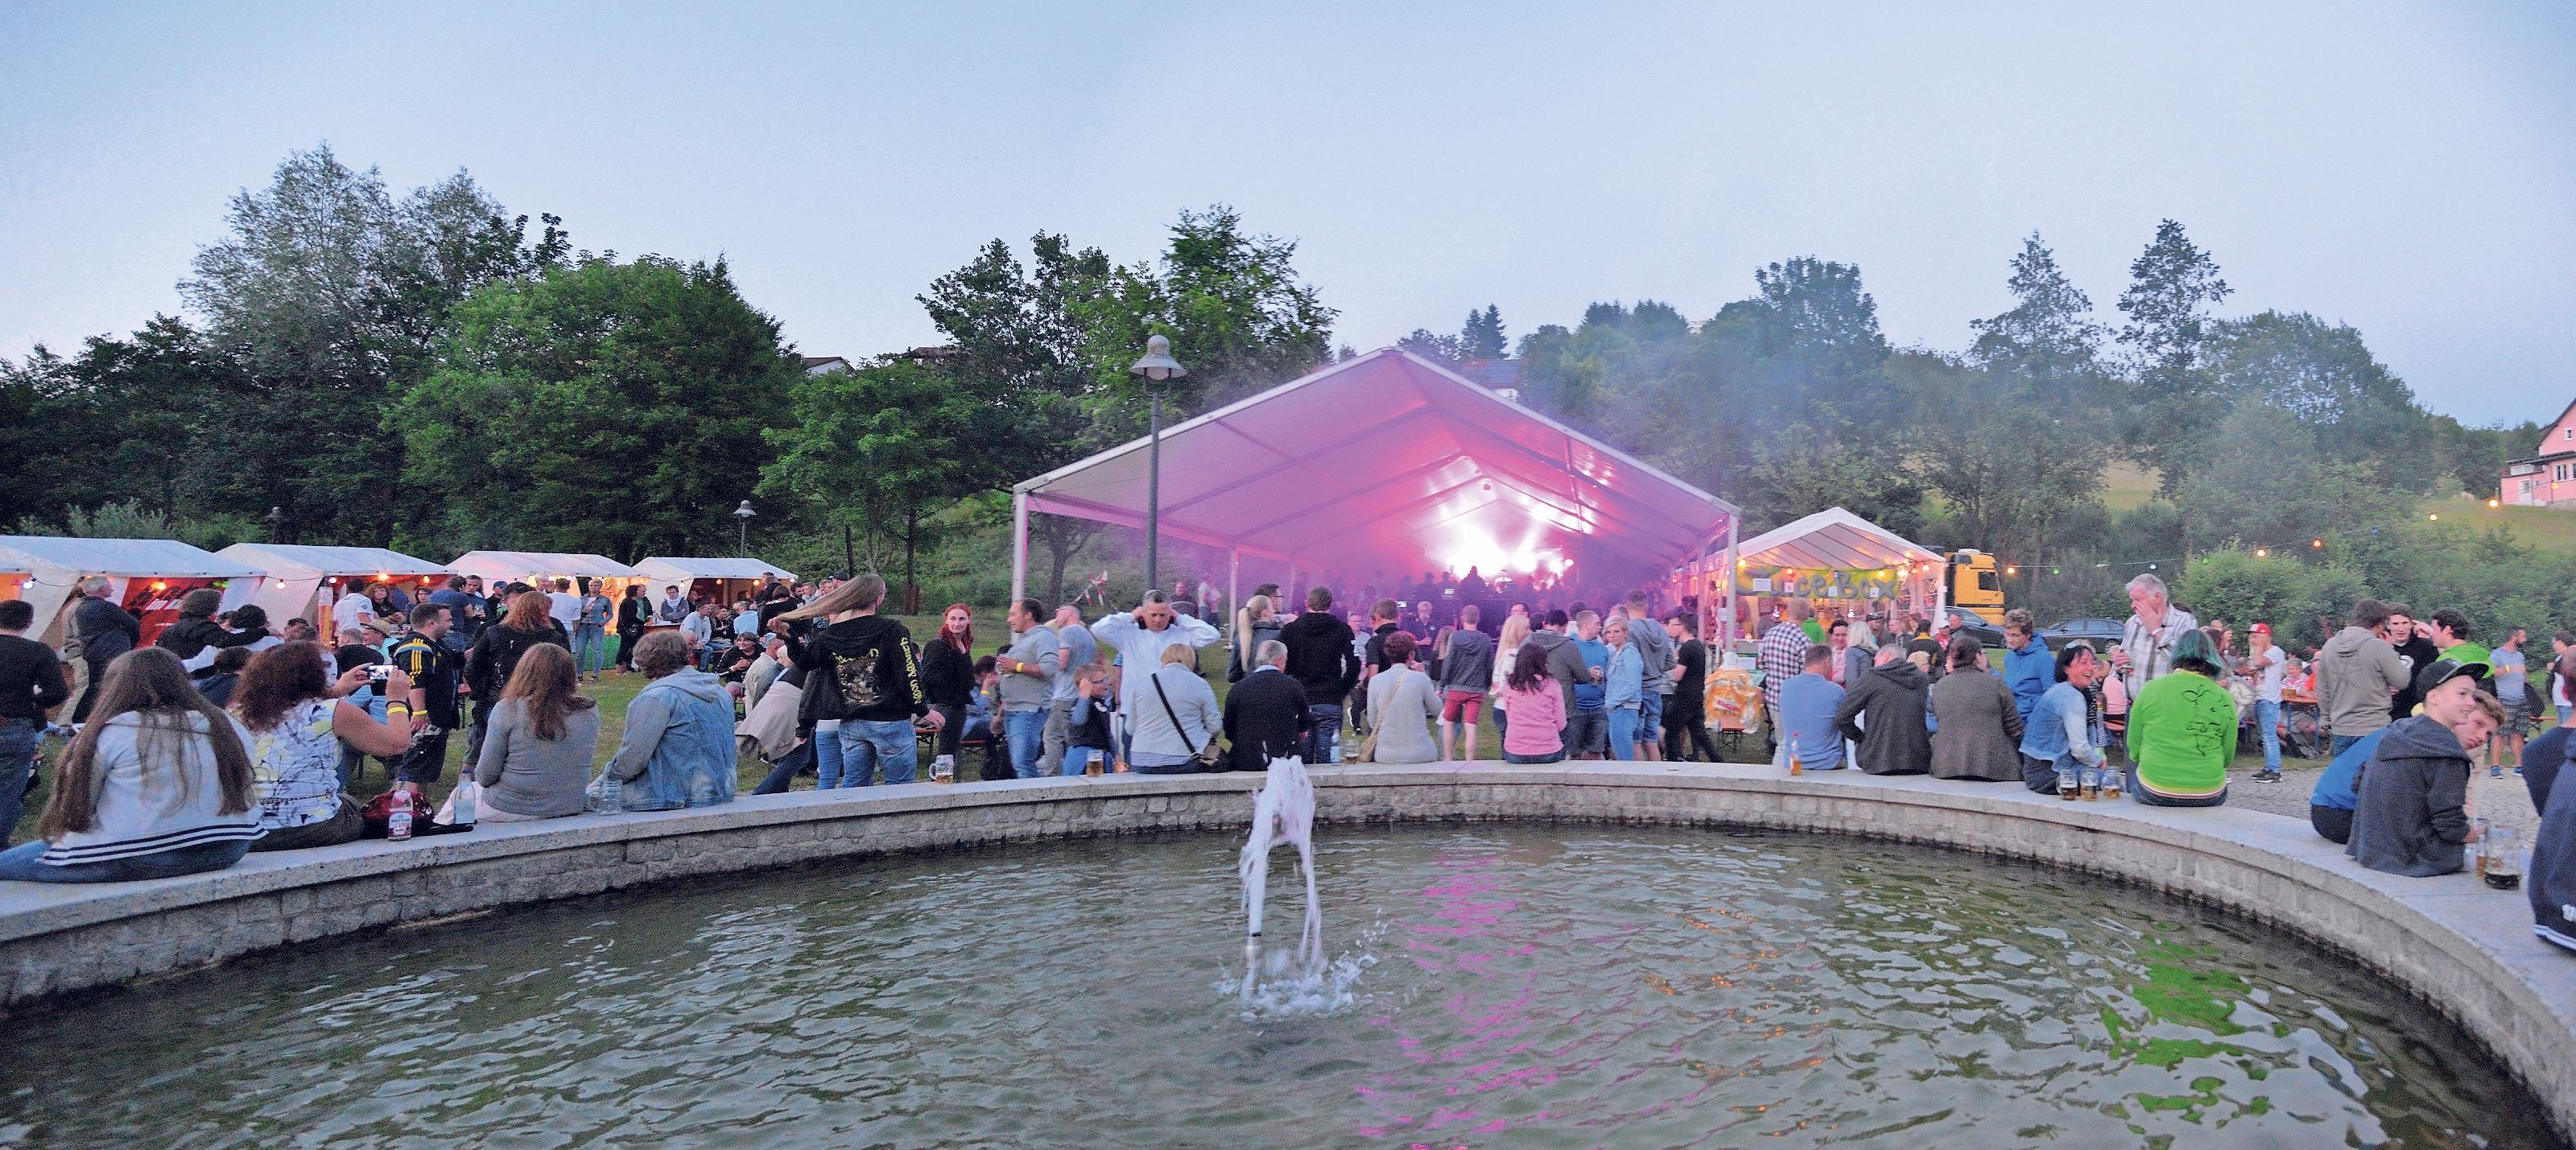 Der Kurpark in Warmensteinach verwandelt sich am Samstag zur Partyzone, wo Jung und Alt bis tief in die Nacht zusammen feiern.Foto: Simone Werner-Ney